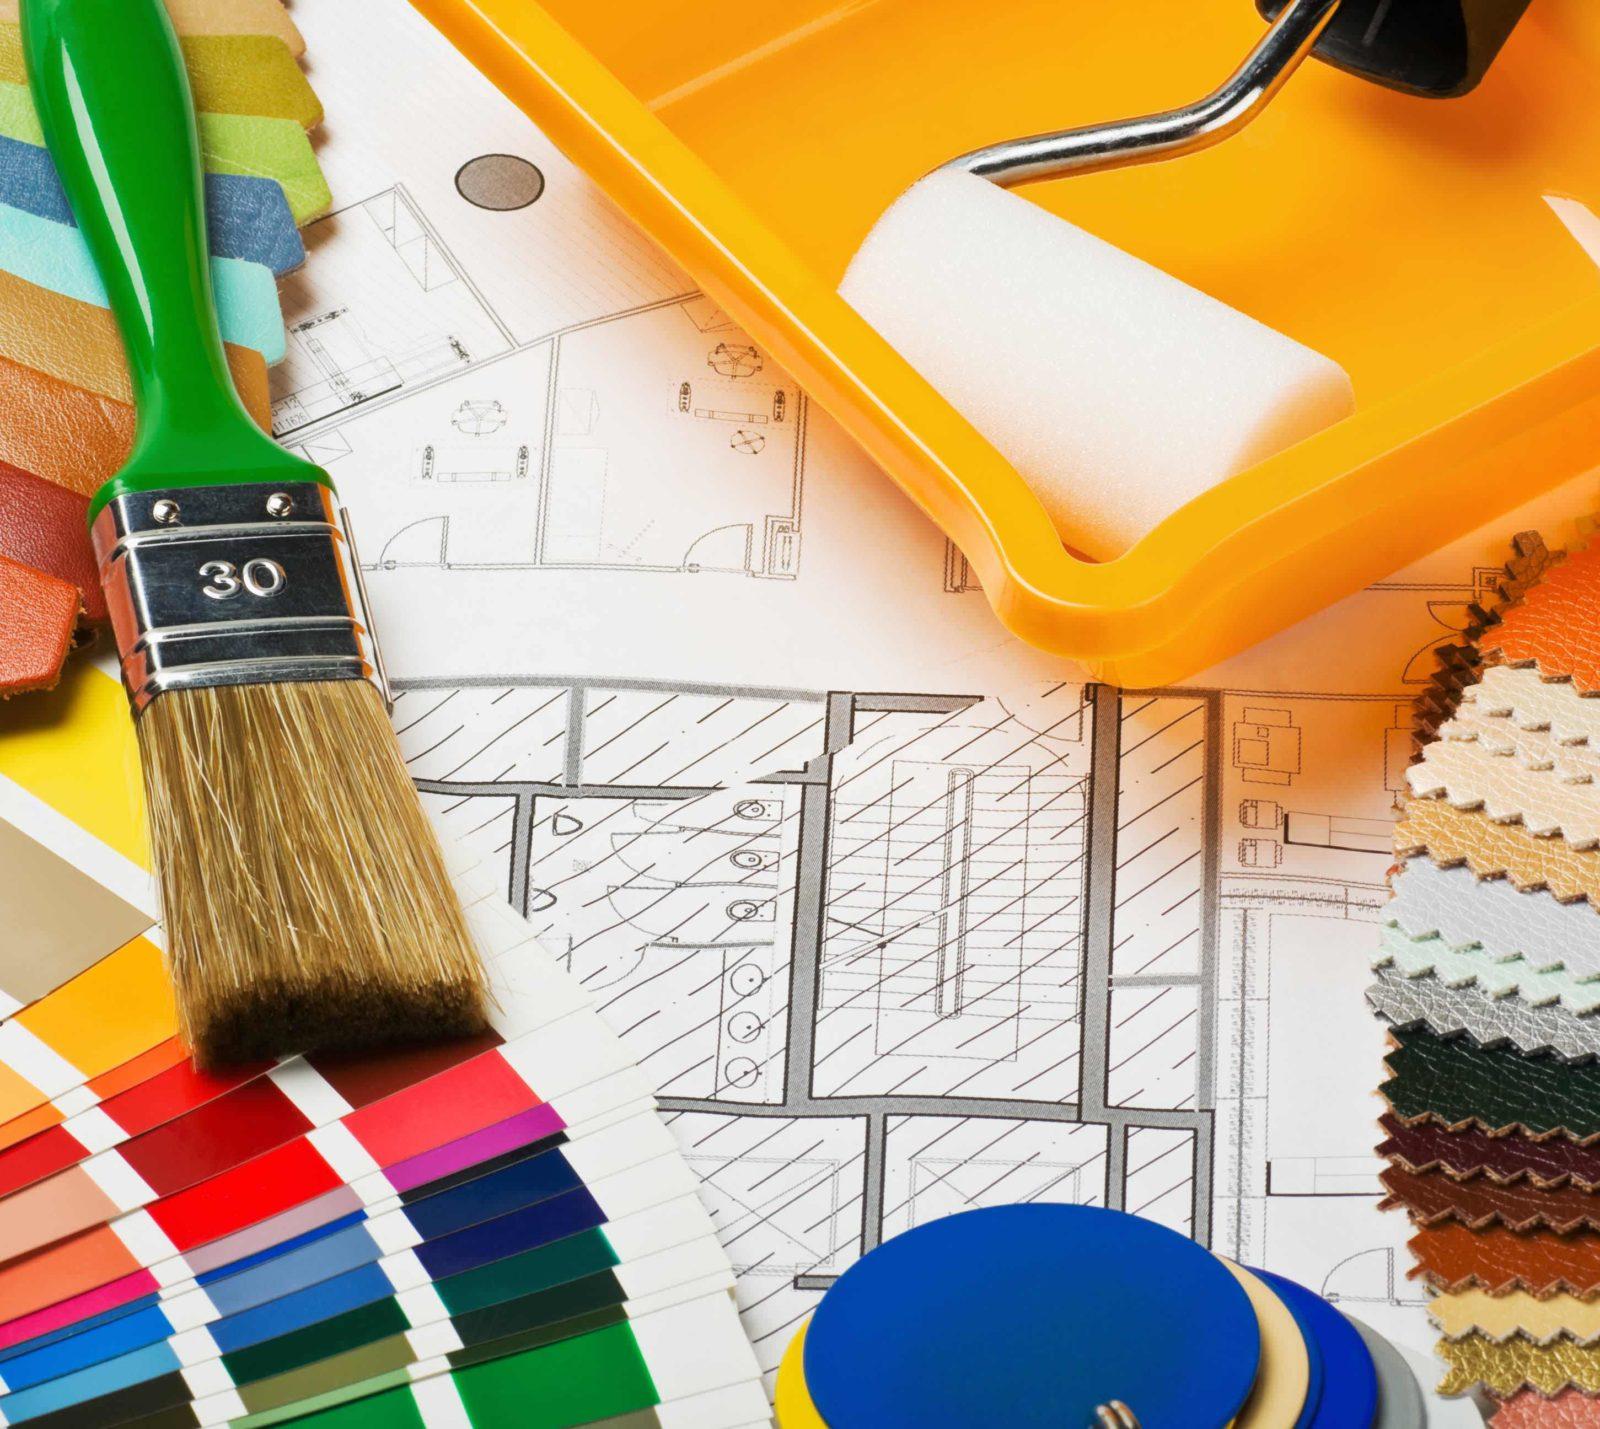 [:ua]складанні кошторису ремонту[:ru]составлении сметы ремонта[:]